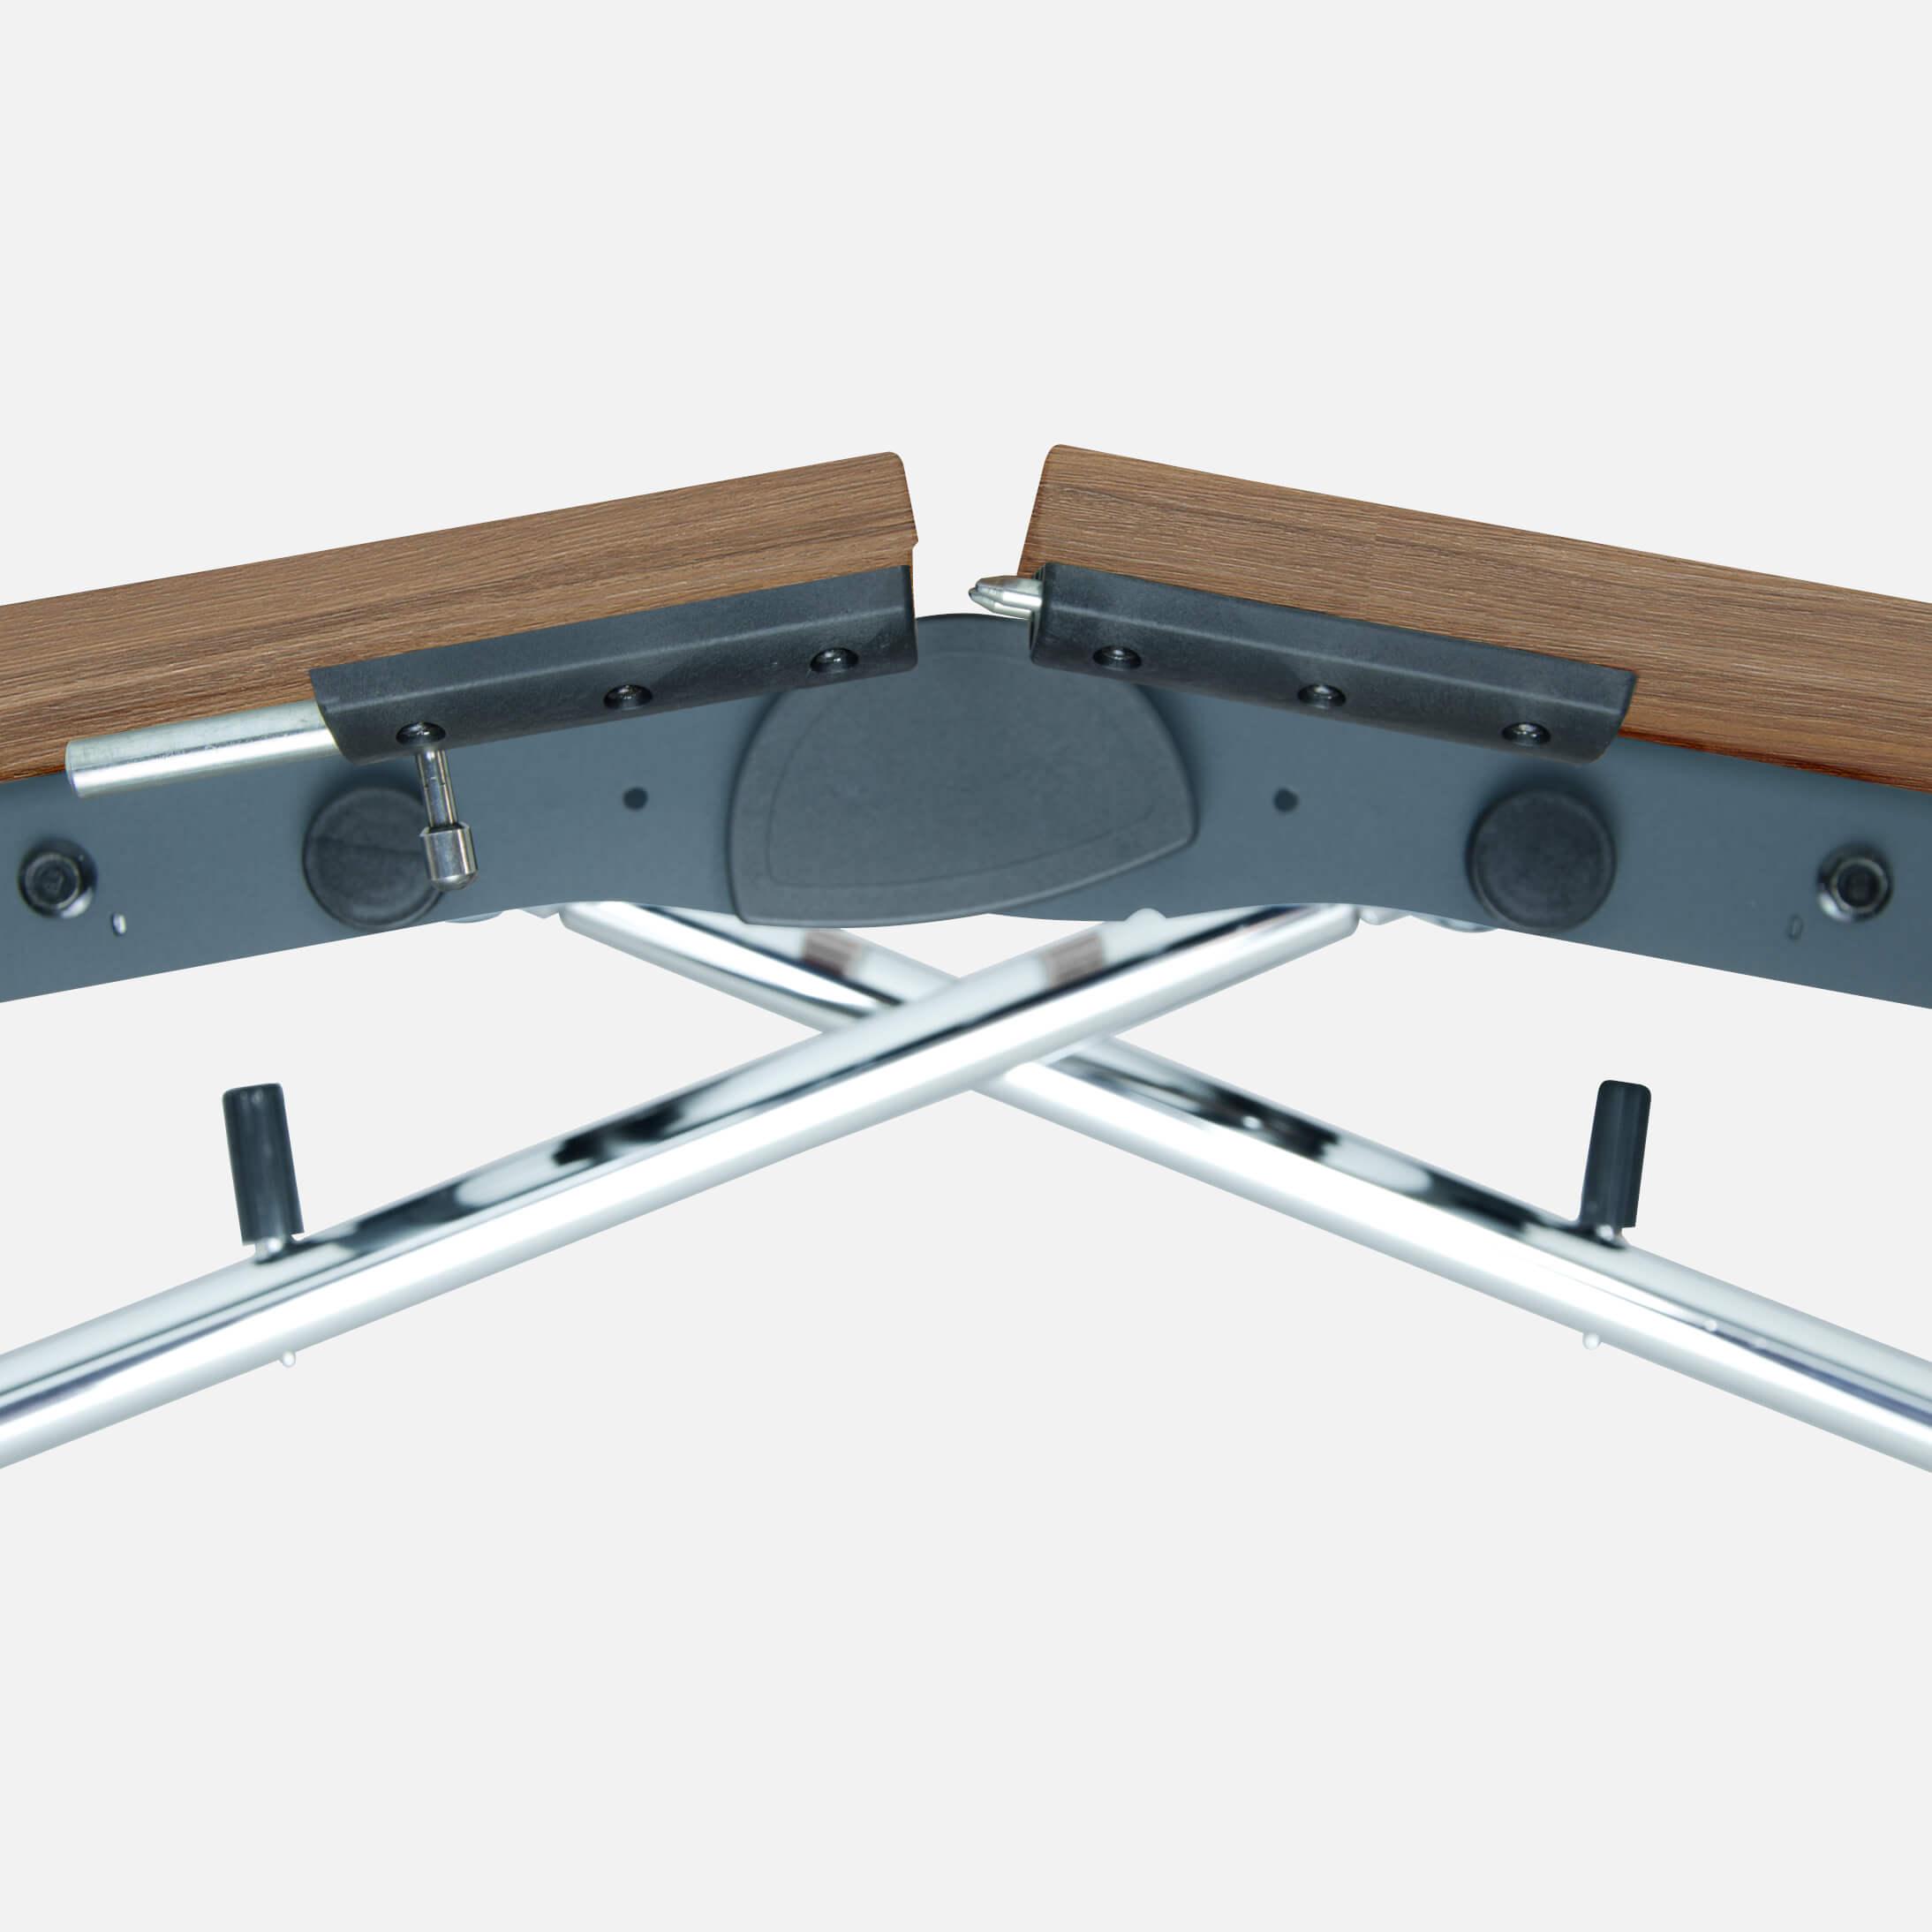 Falttisch Klapptisch 2.400 x 1.000 mm LIBRO Eiche Konferenztisch klappbar rollbar auf Rollen mobil